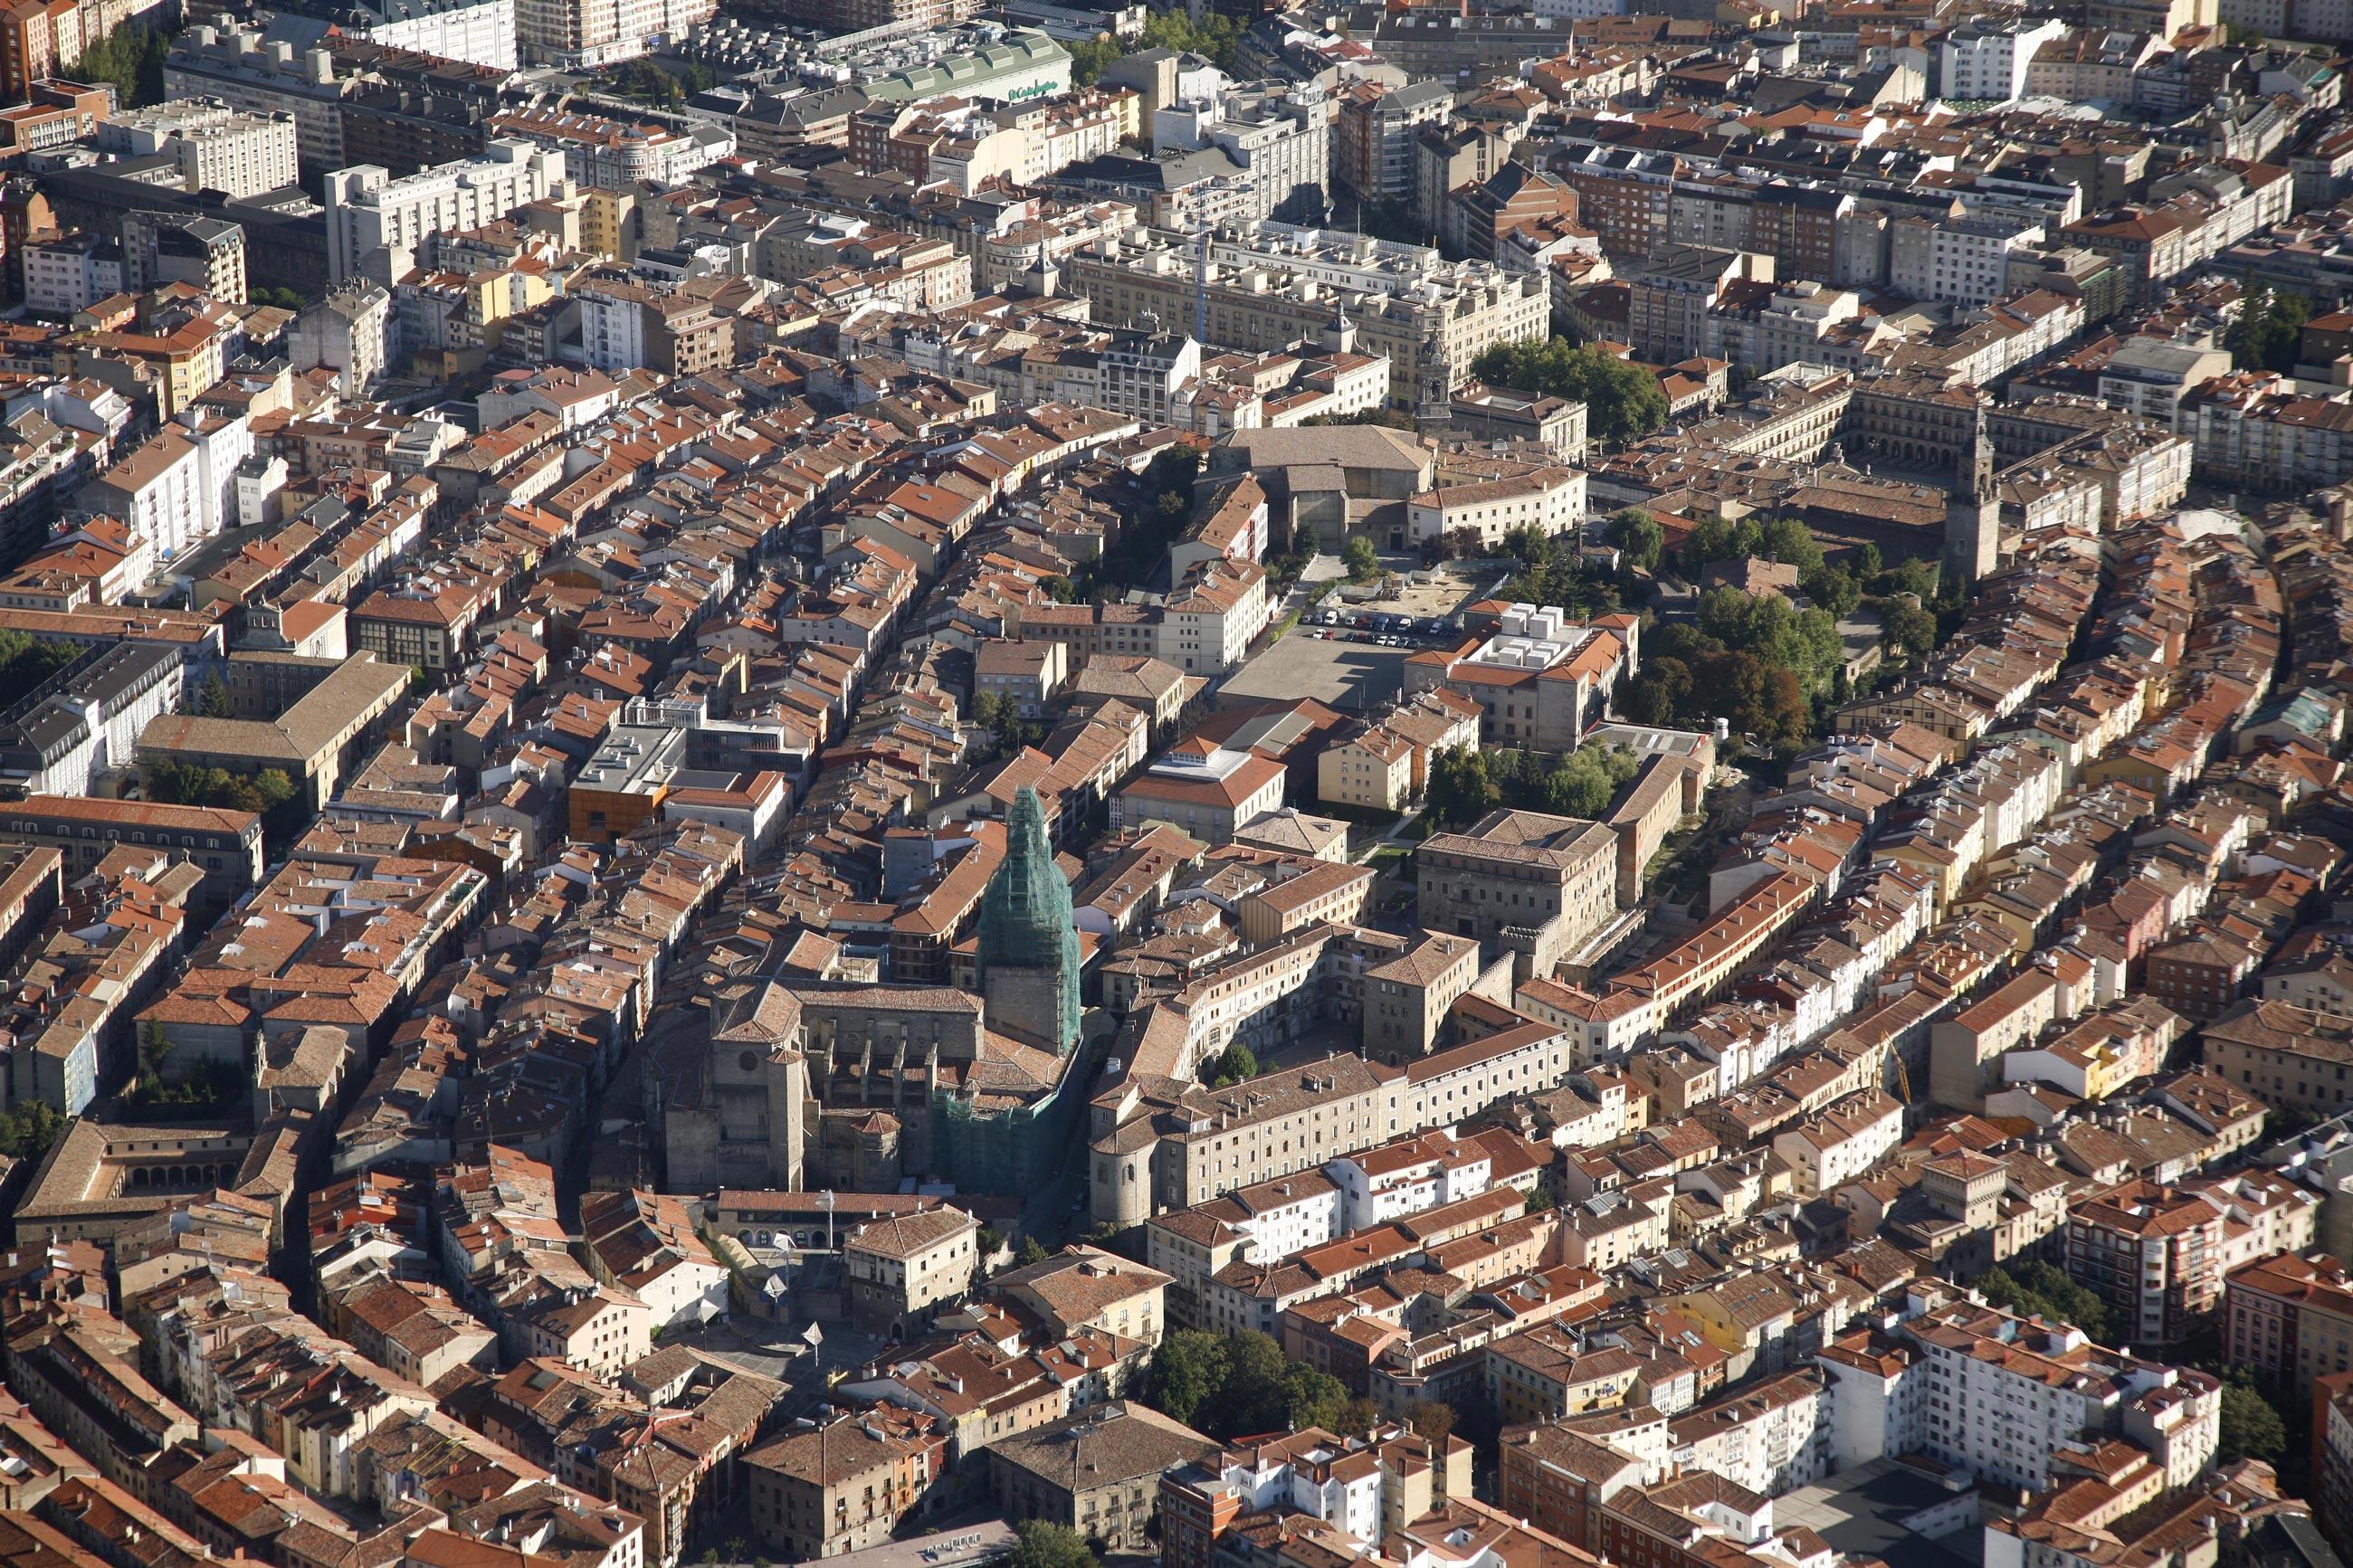 Vue des toits du quartier médiéval de la ville de Vitoria-Gasteiz